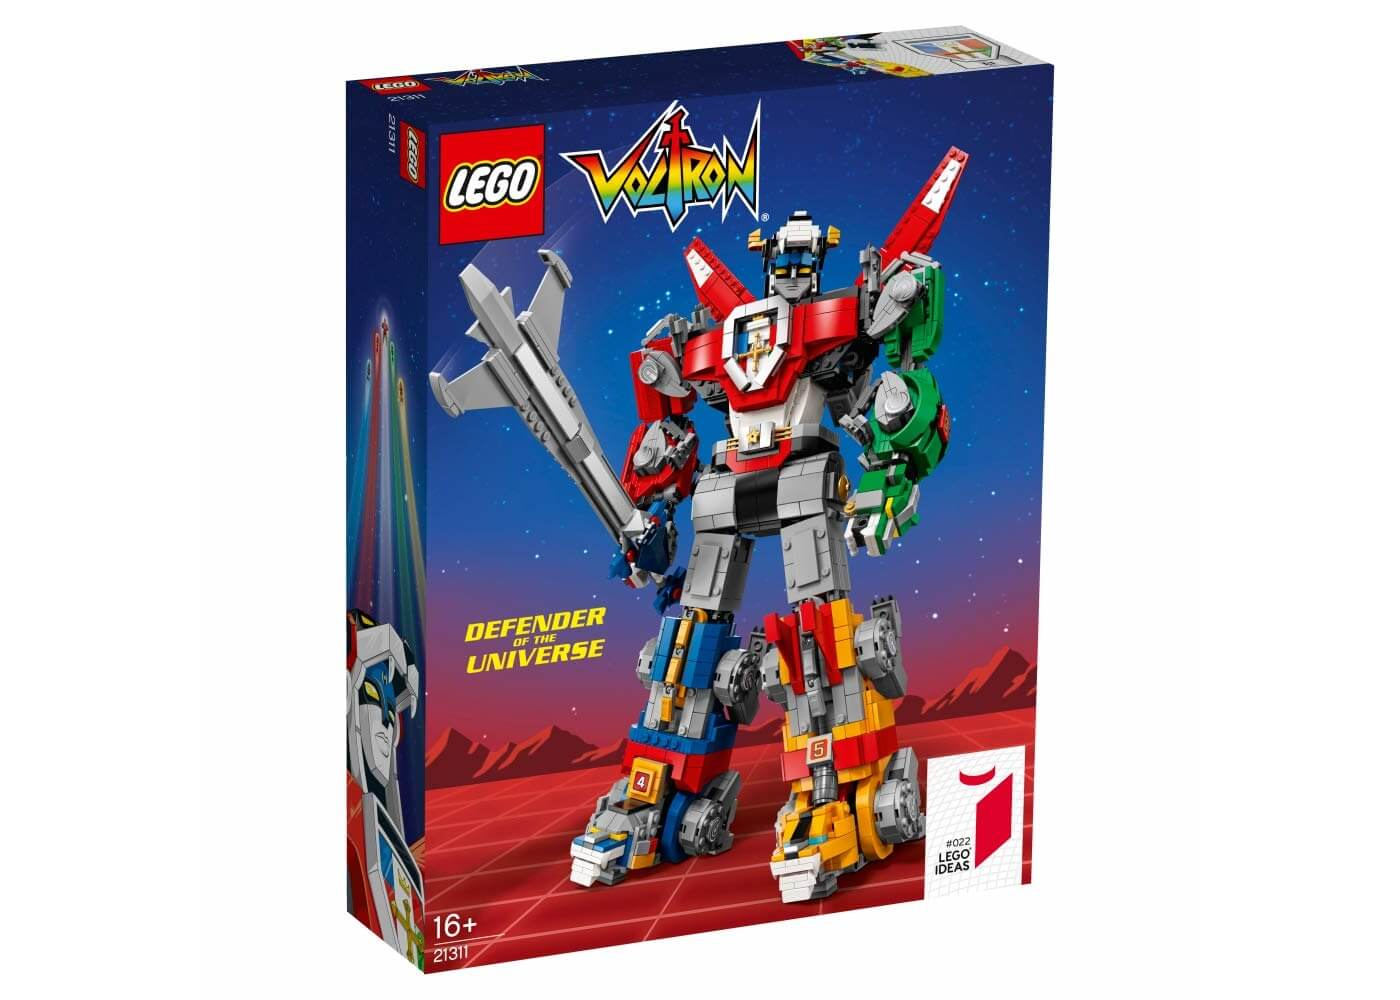 レゴ LEGO 21311 ヴォルトロンをお買取しました!